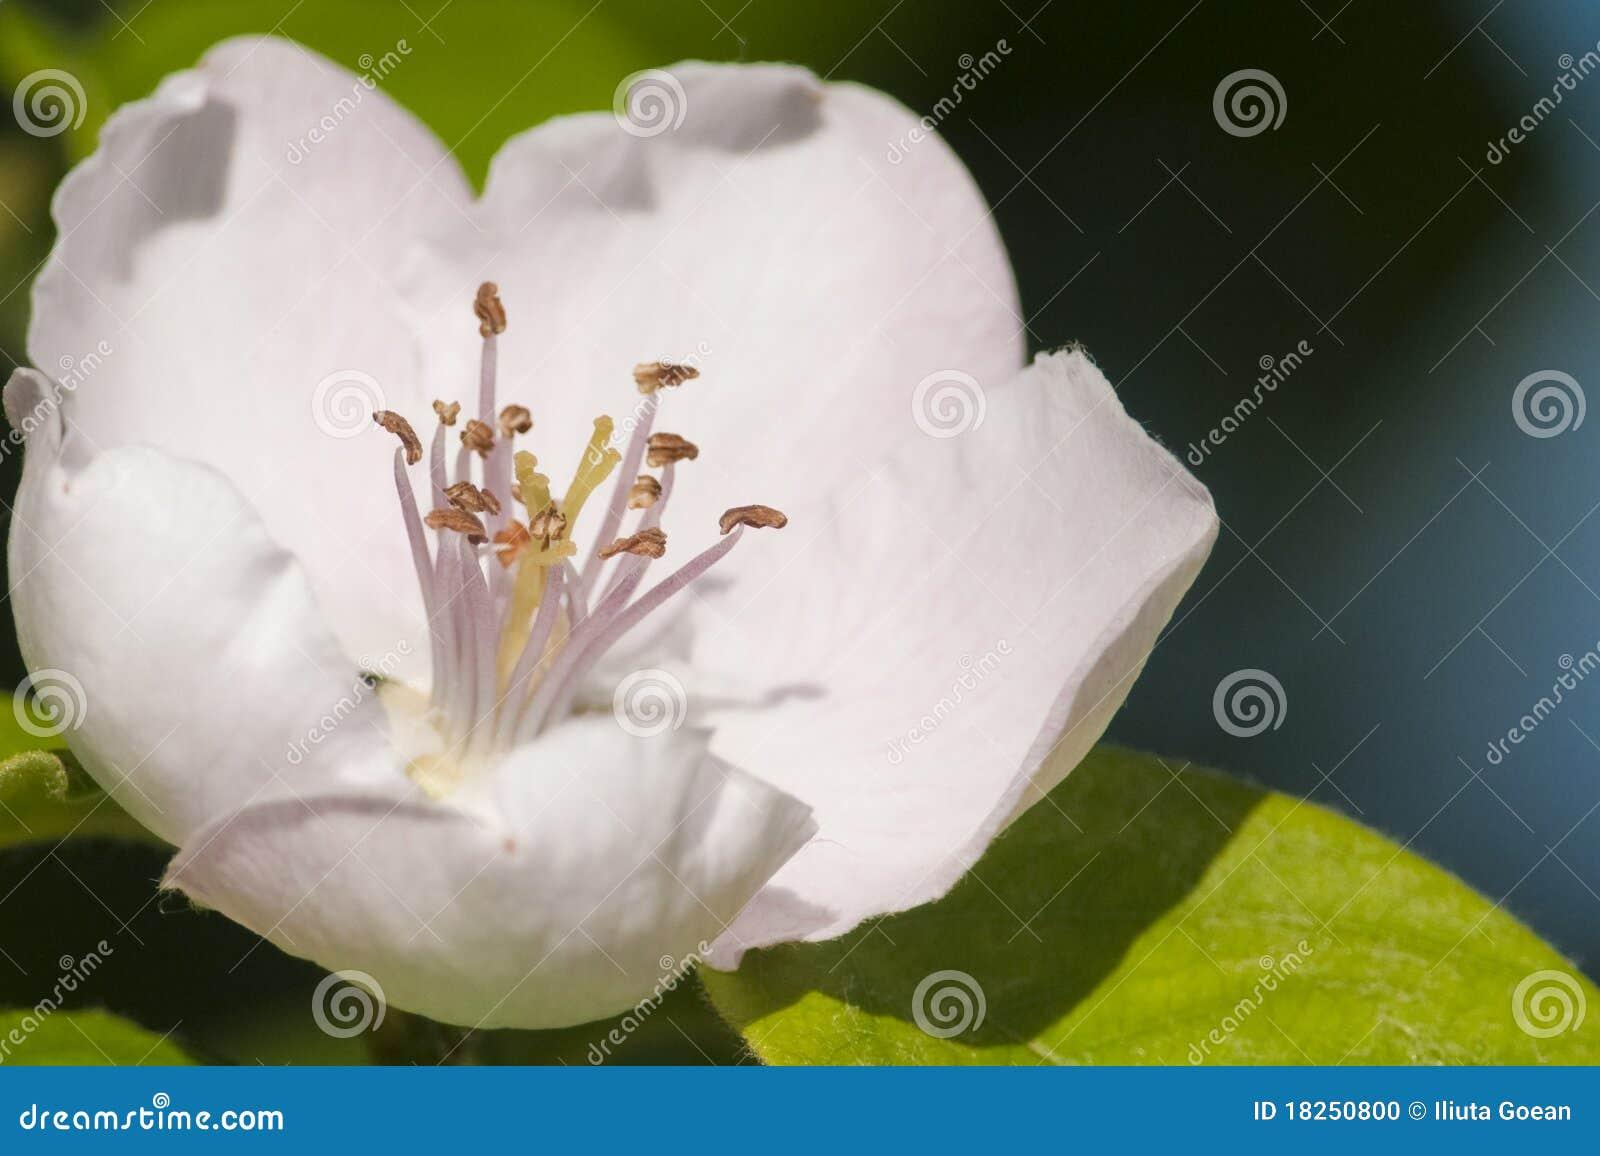 Flor del rbol de membrillo foto de archivo imagen 18250800 - Arbol de membrillo ...